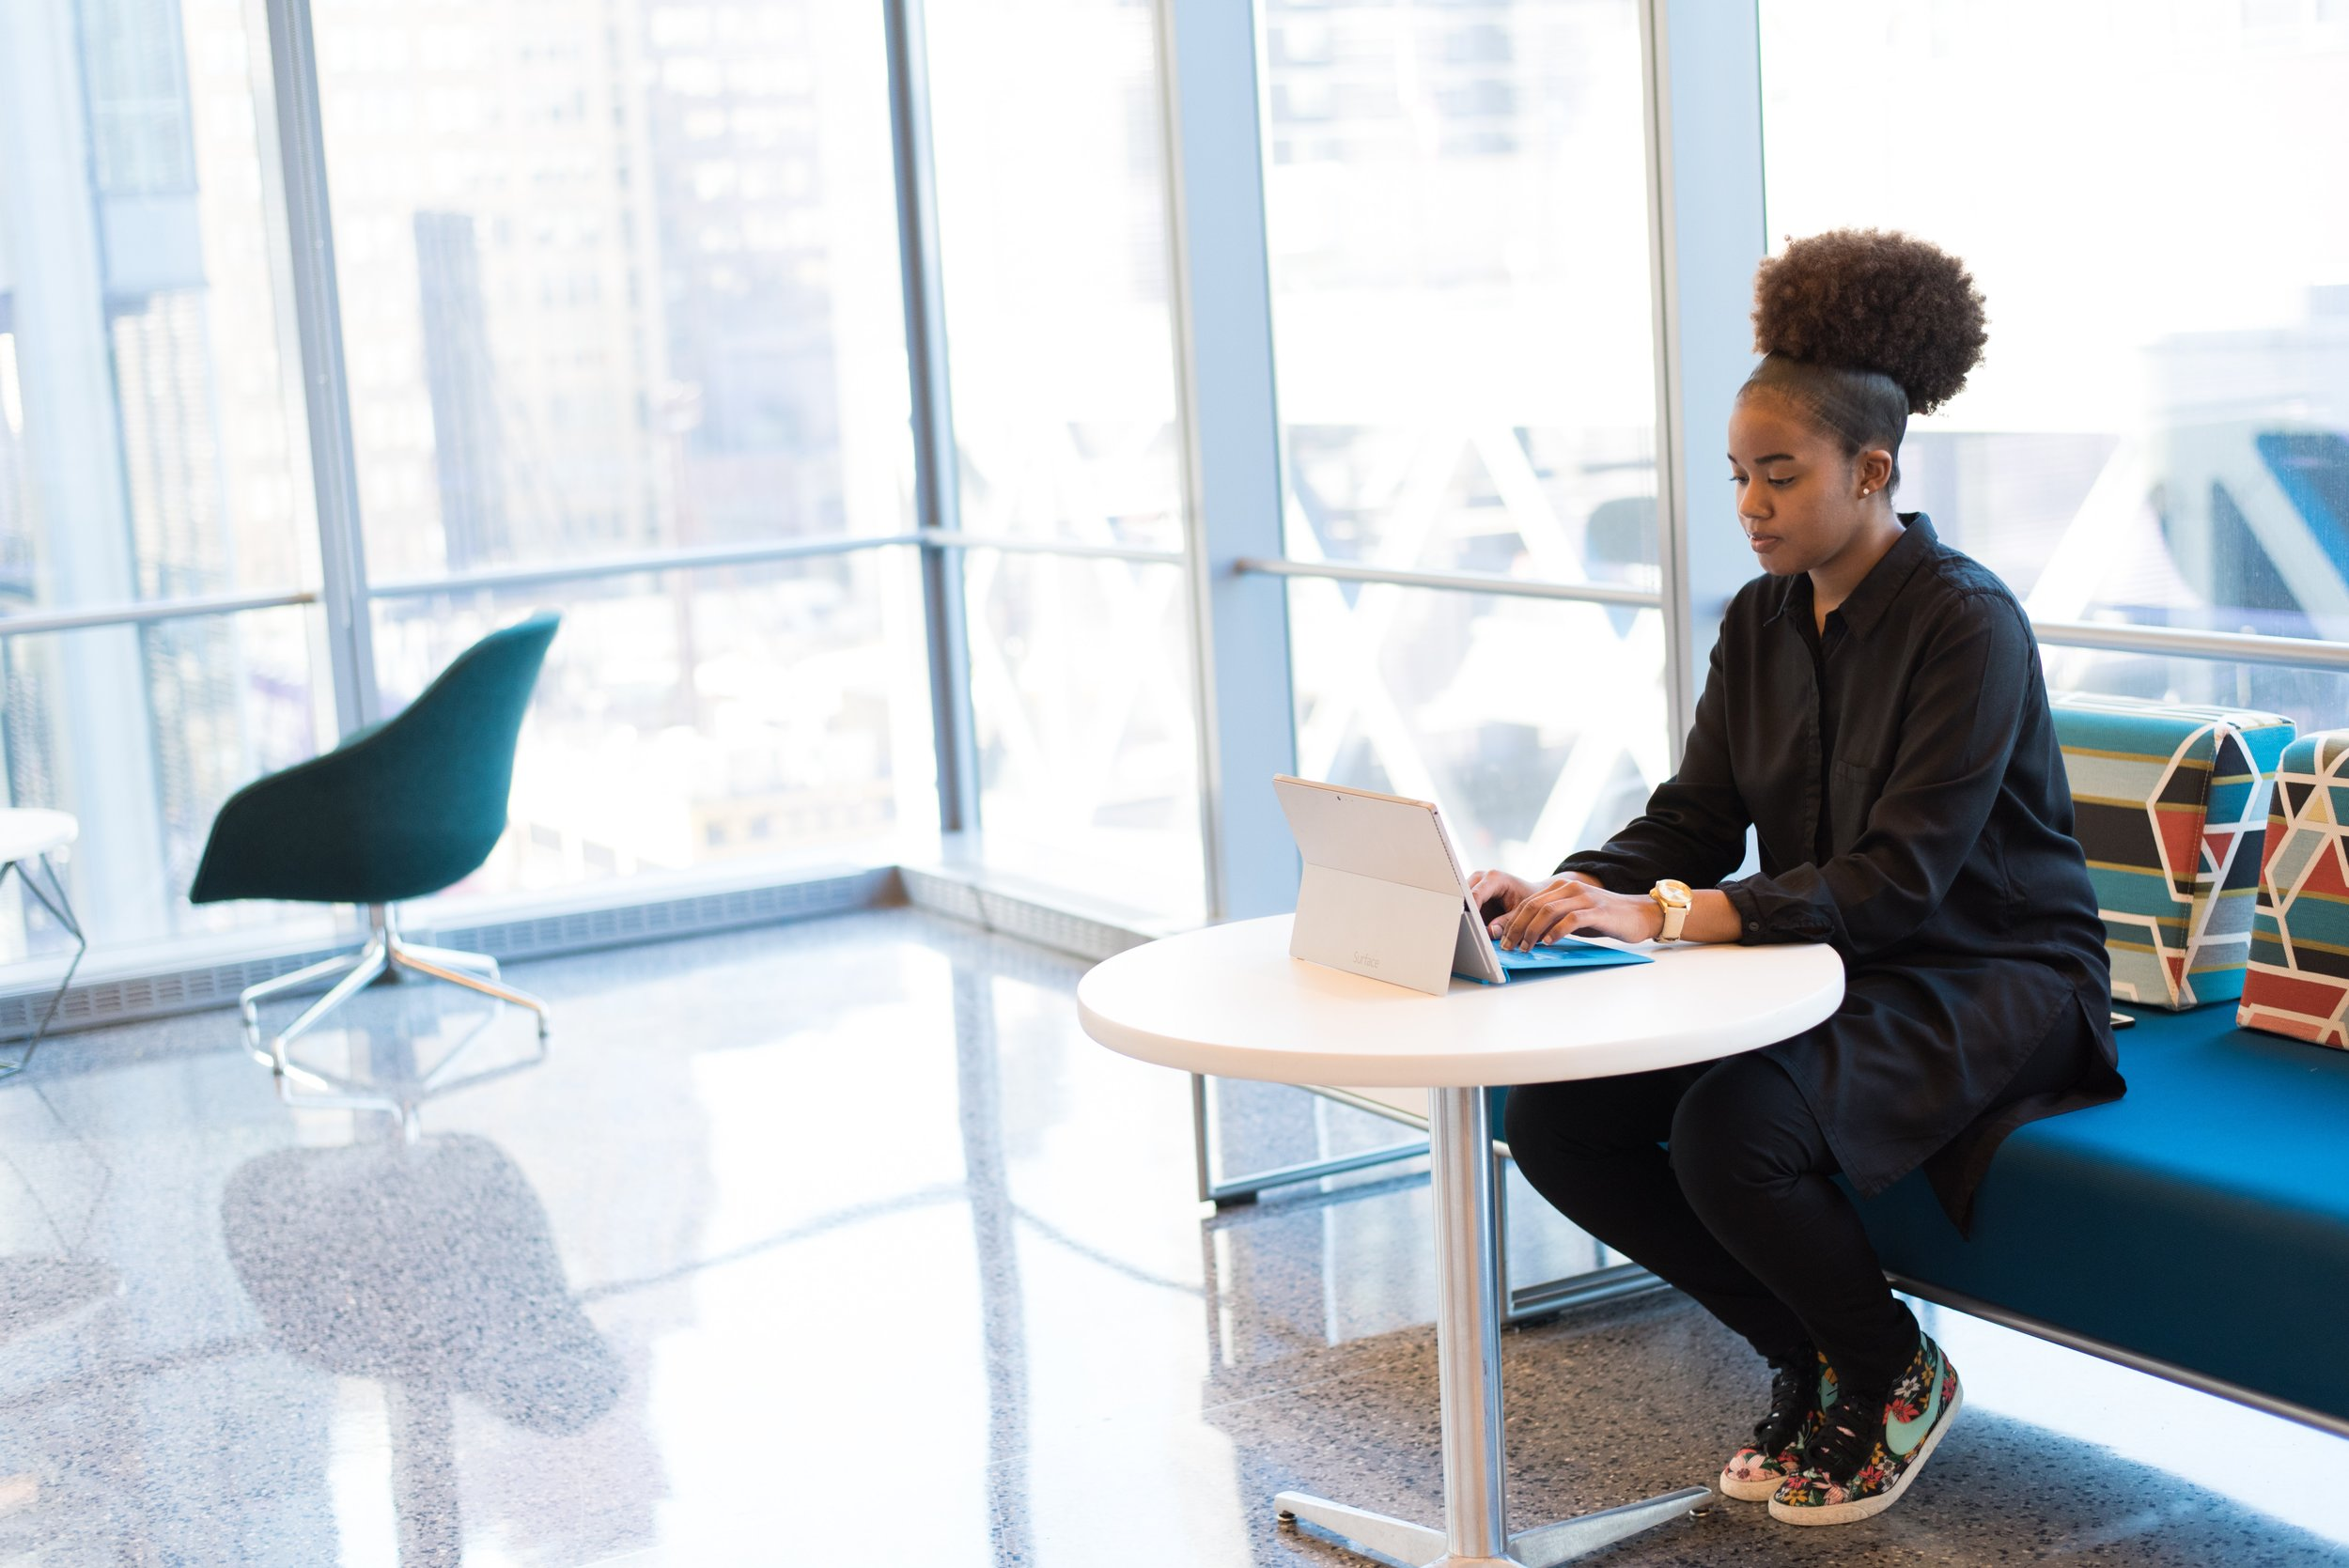 chair-daylight-desk-1181251.jpg